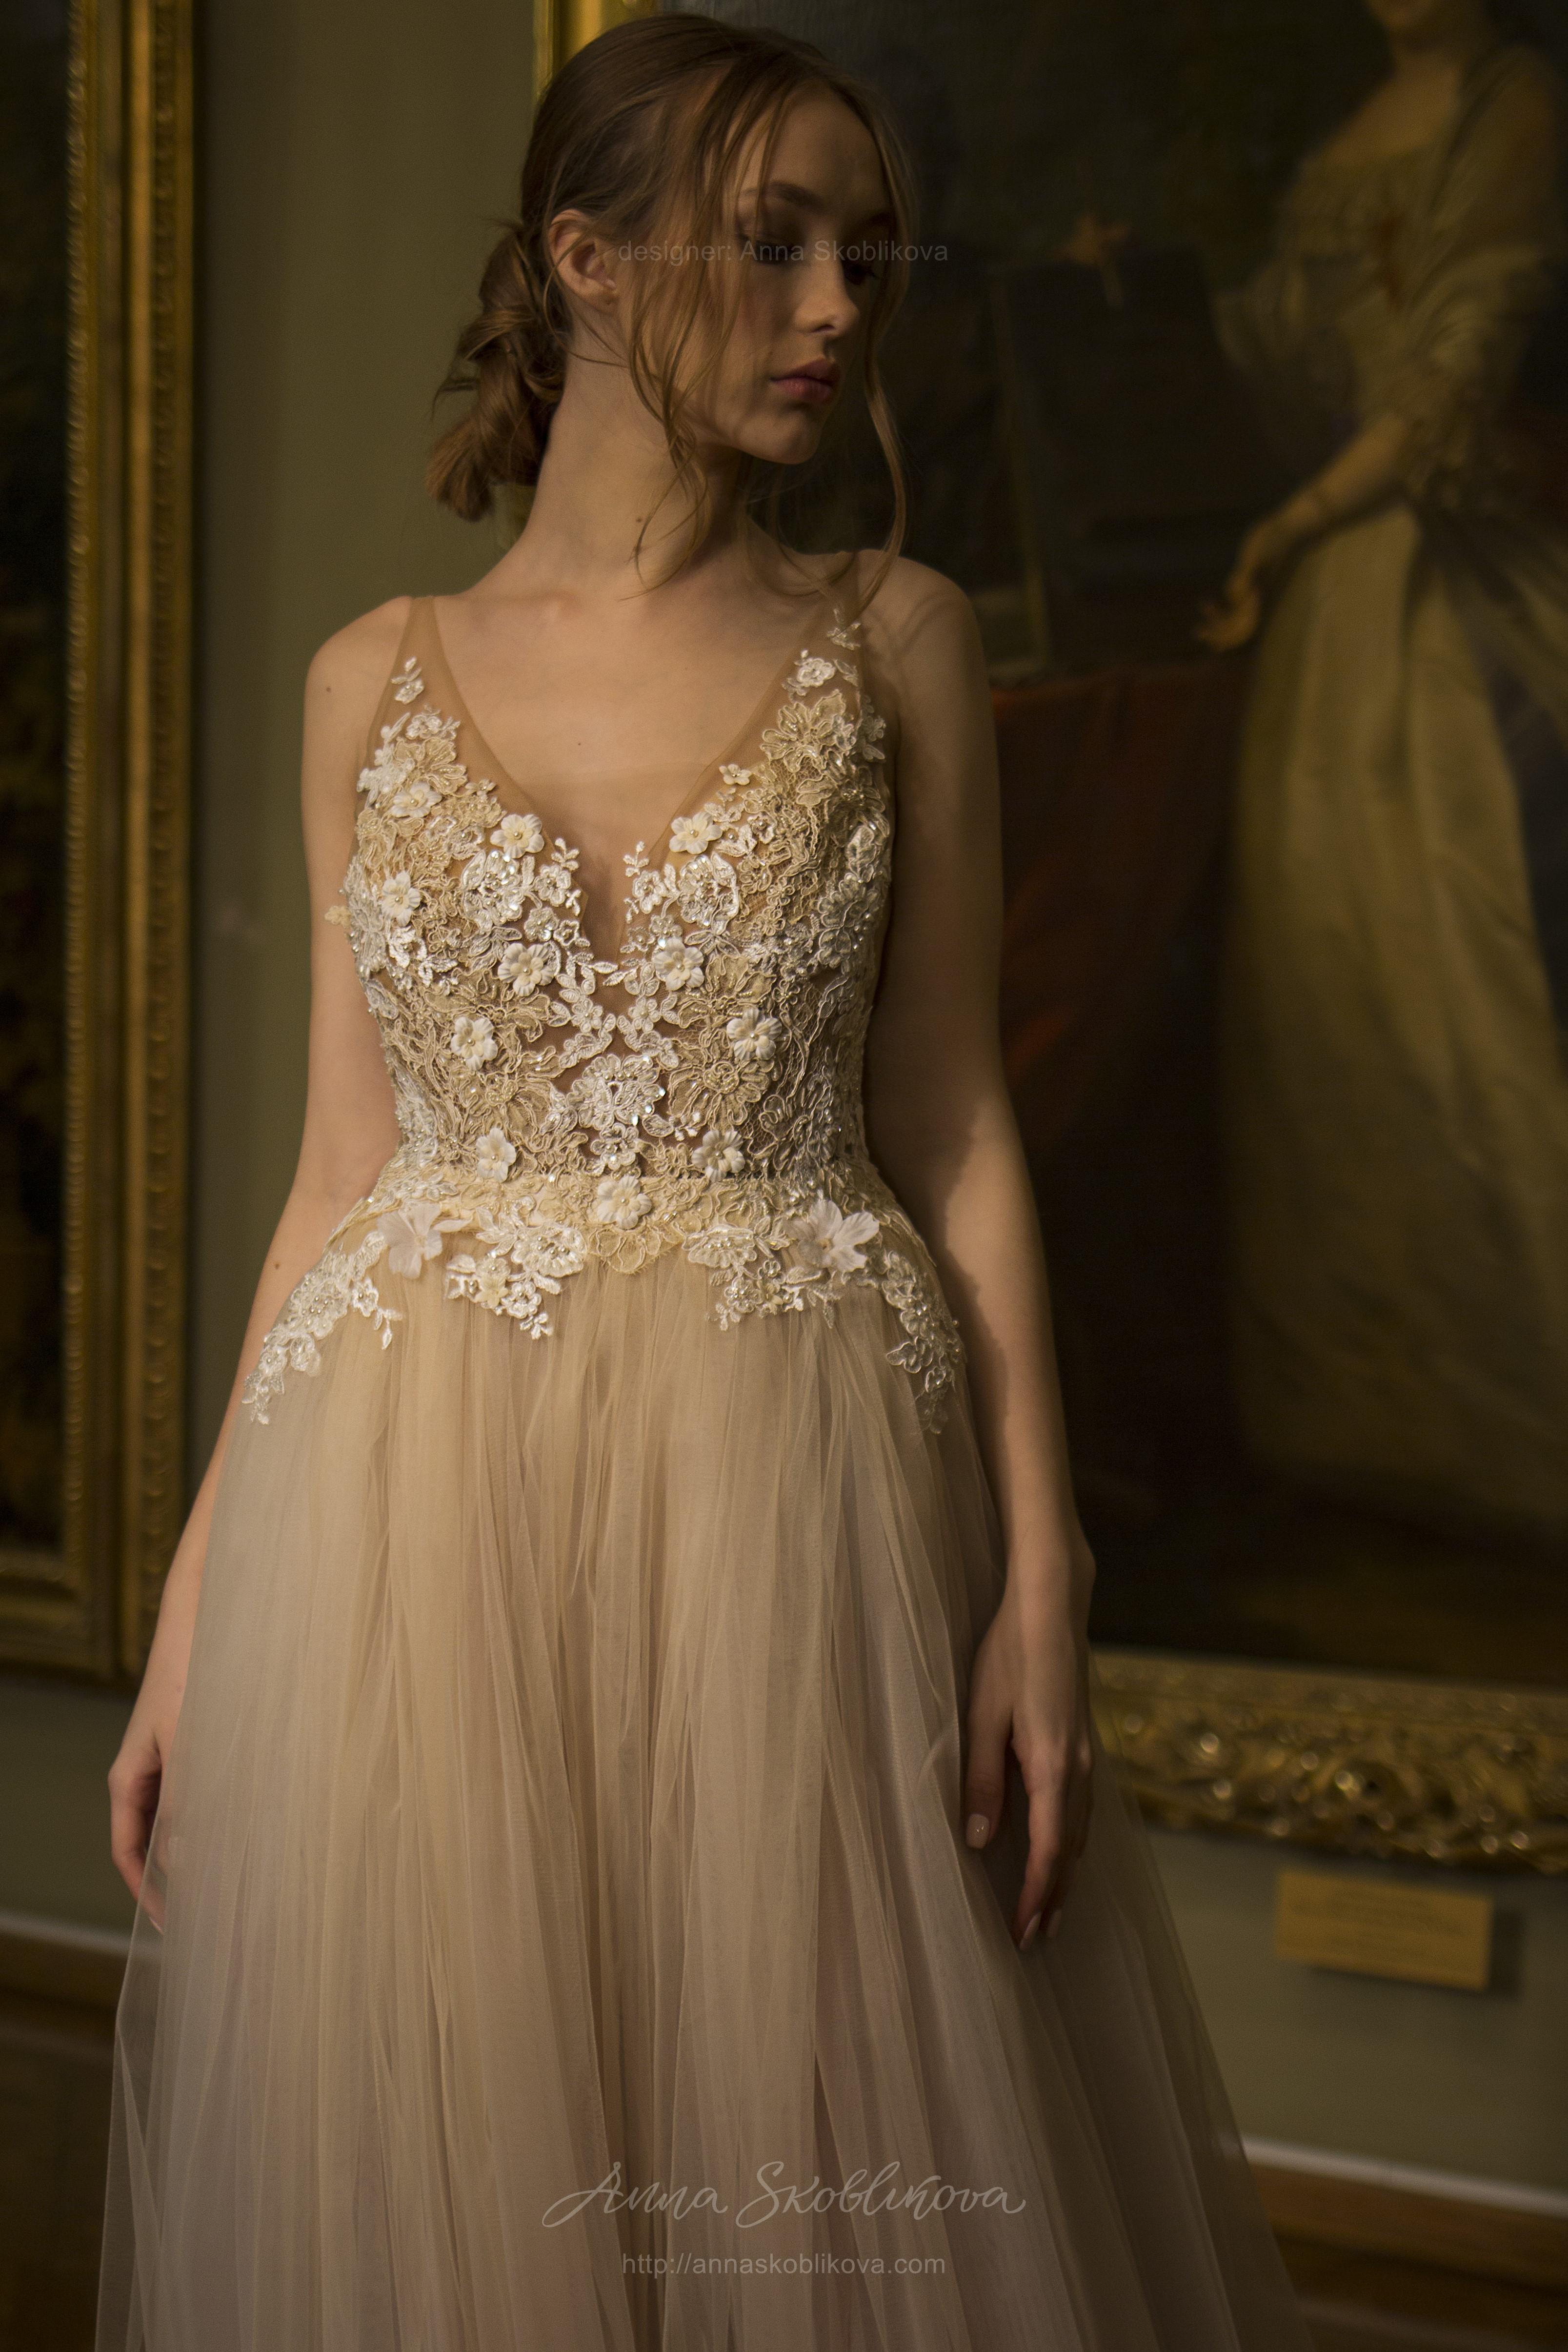 3a8444b9f5f Daniella - Уникально лёгкое свадебное платье украшает авторская вышивка  испанским кружевом Anna Skoblikova